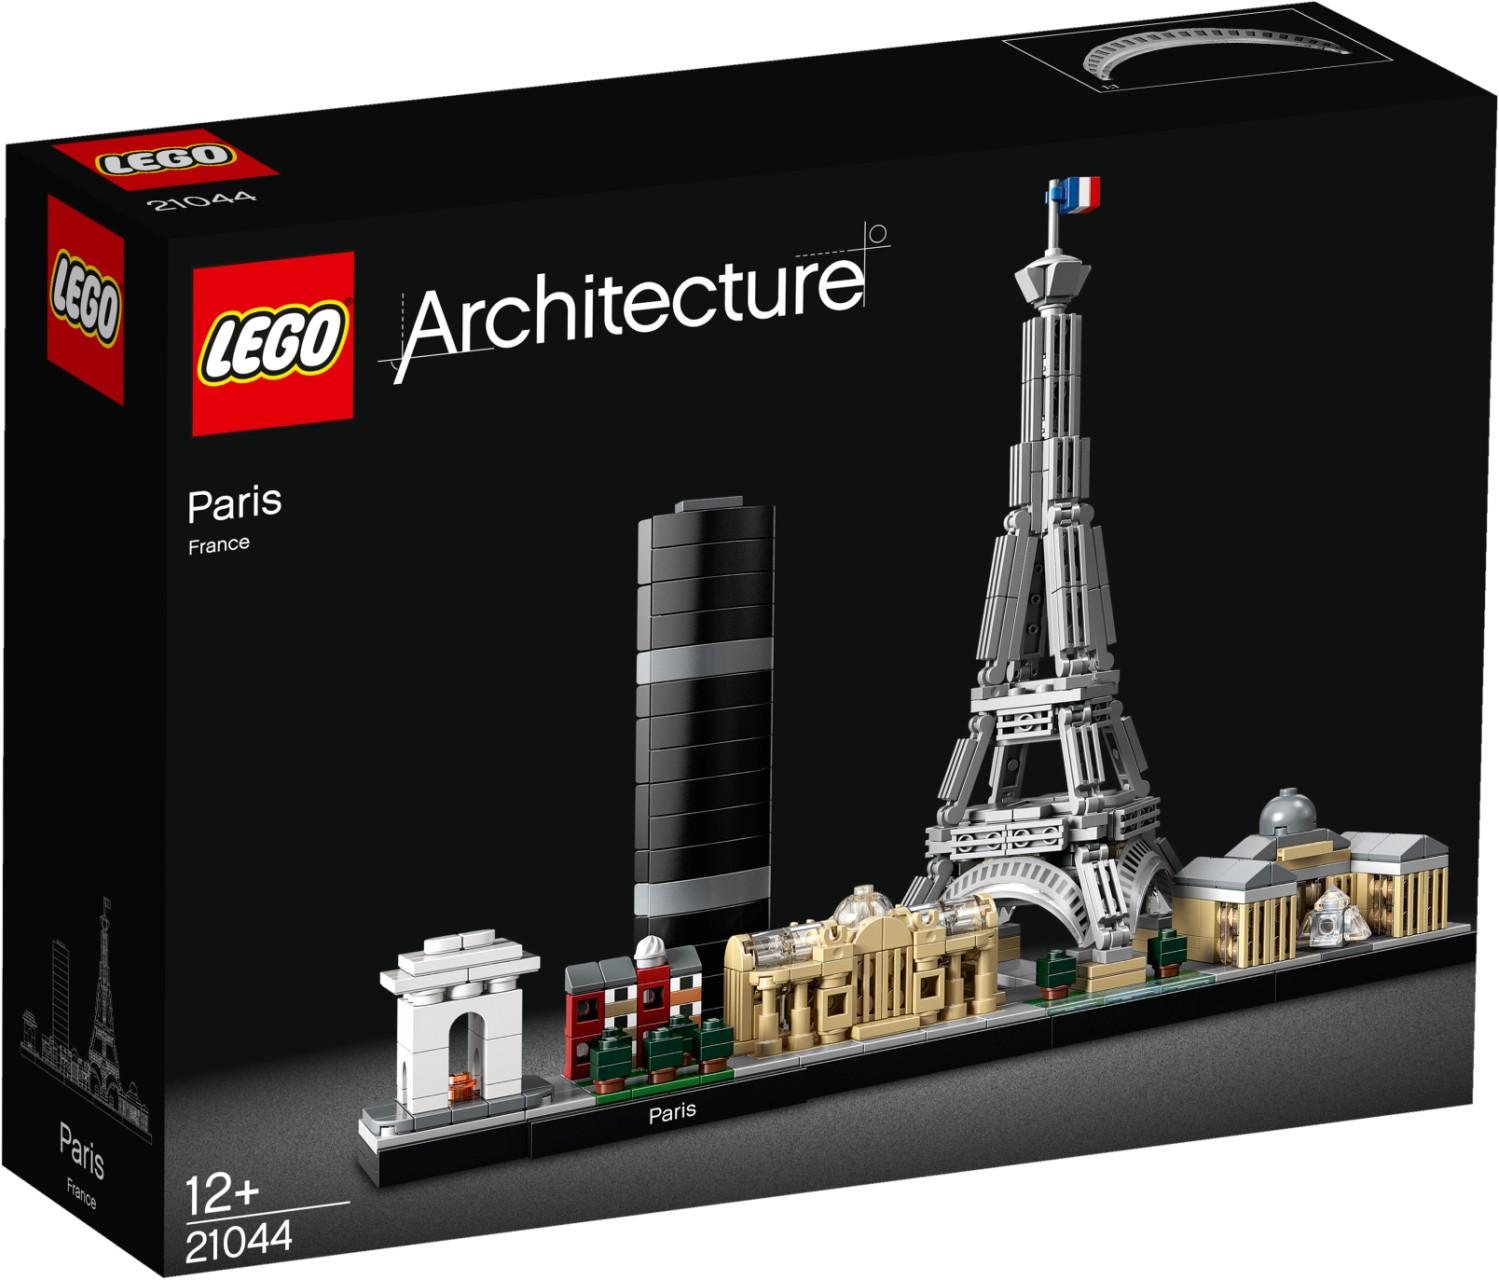 LEGO Architecture - Paris (21044)